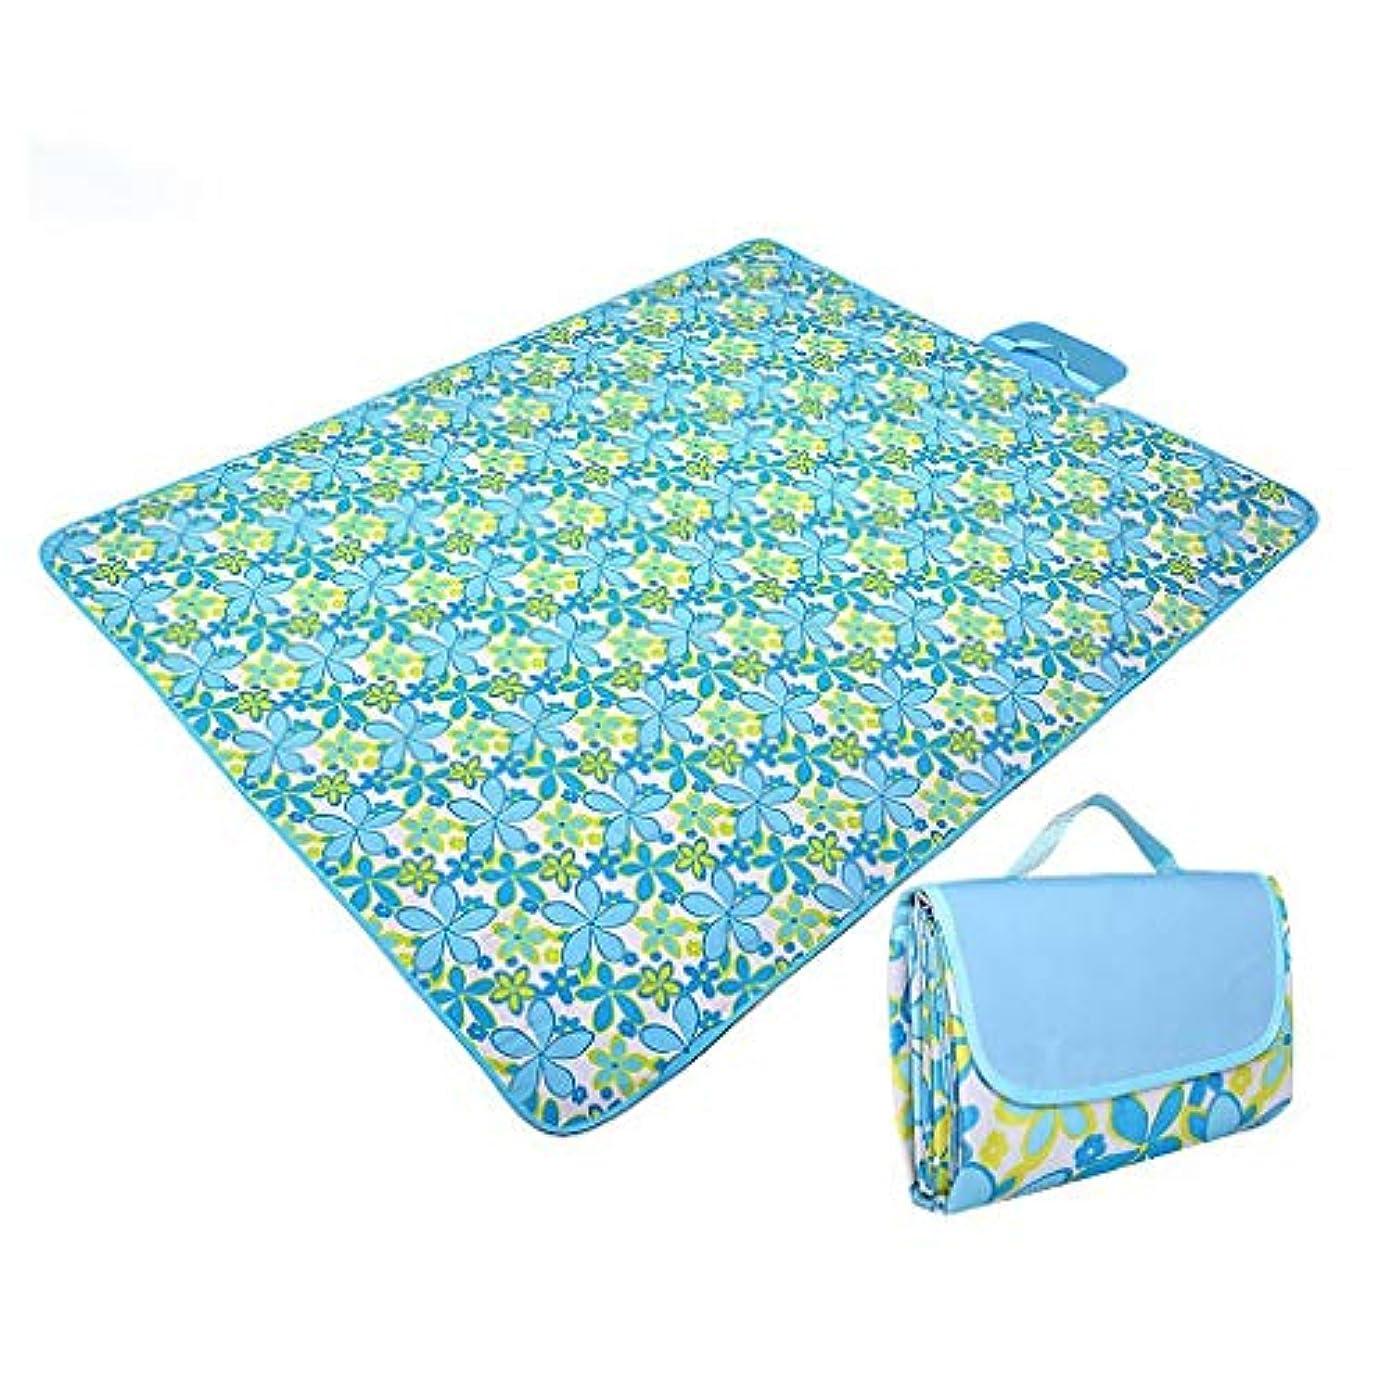 対角線ナンセンス噴出するピクニック毛布、ビーチマット、携帯用屋外カーペットマット、キャンプ用200 x 200 cmサンドサンド屋外 (色 : B)